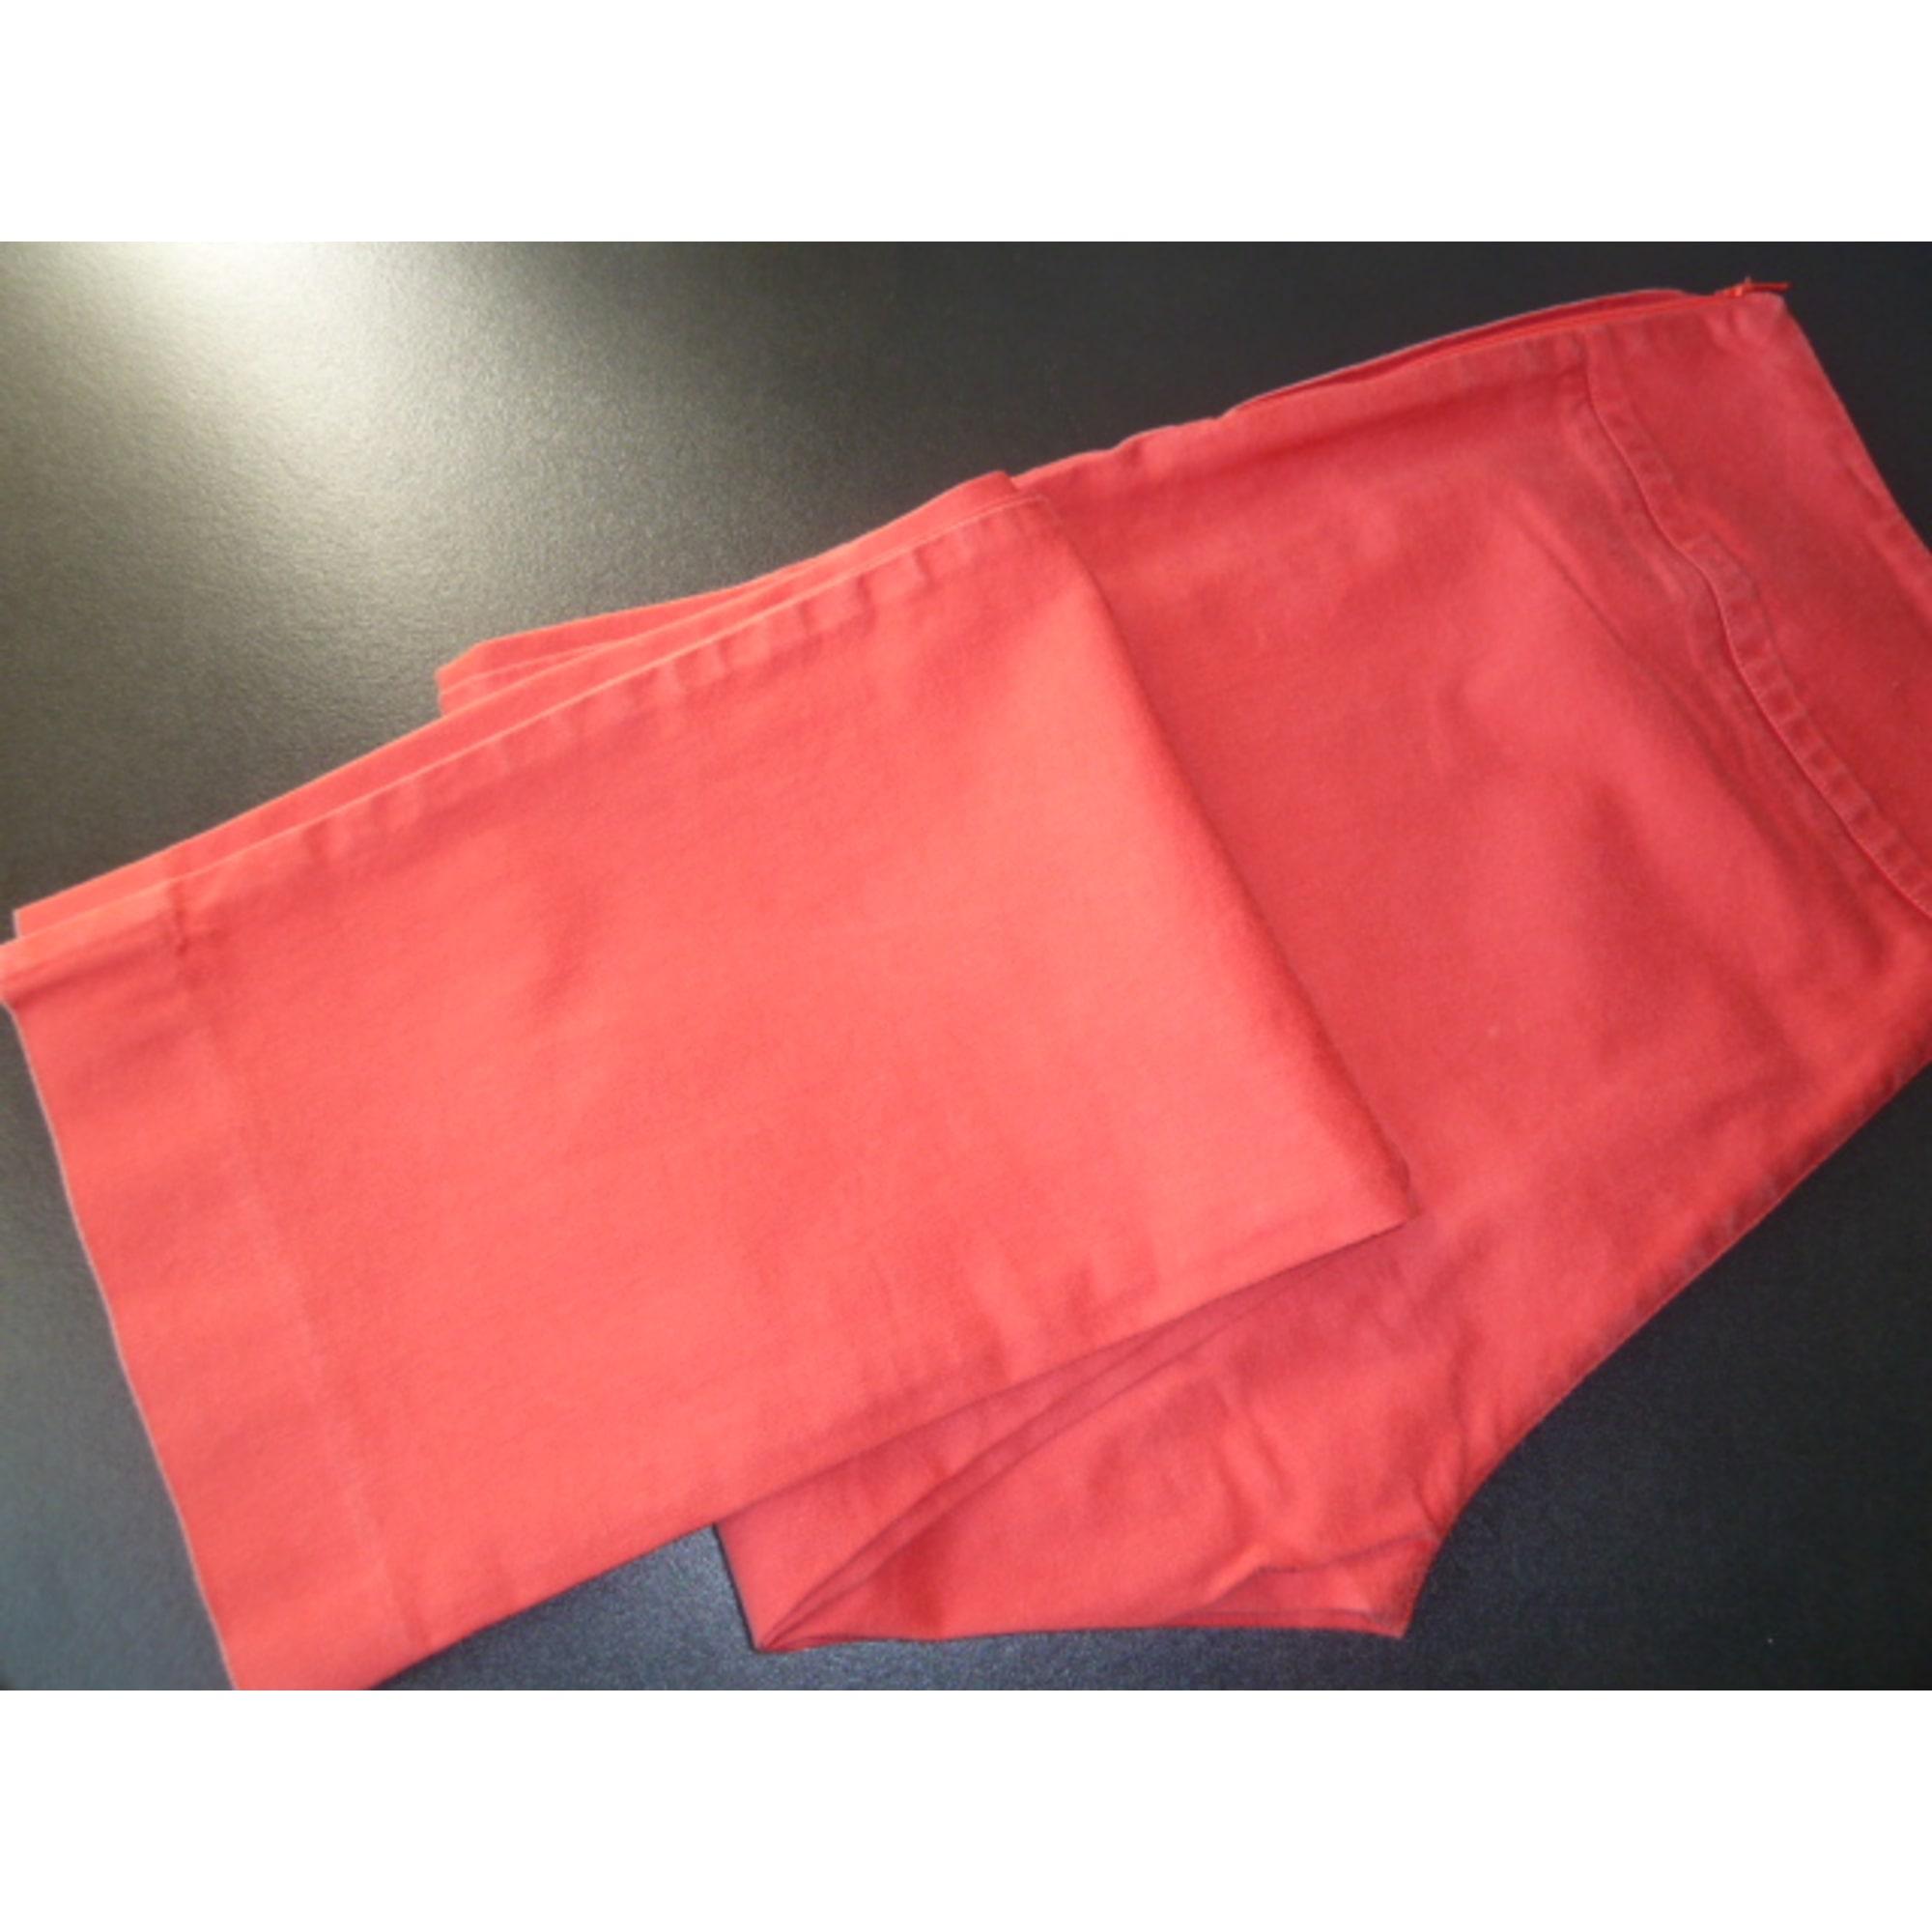 lxl Lacoste Droit Pantalon 1521170 Rouge 42 T4 x0tgnzwqp